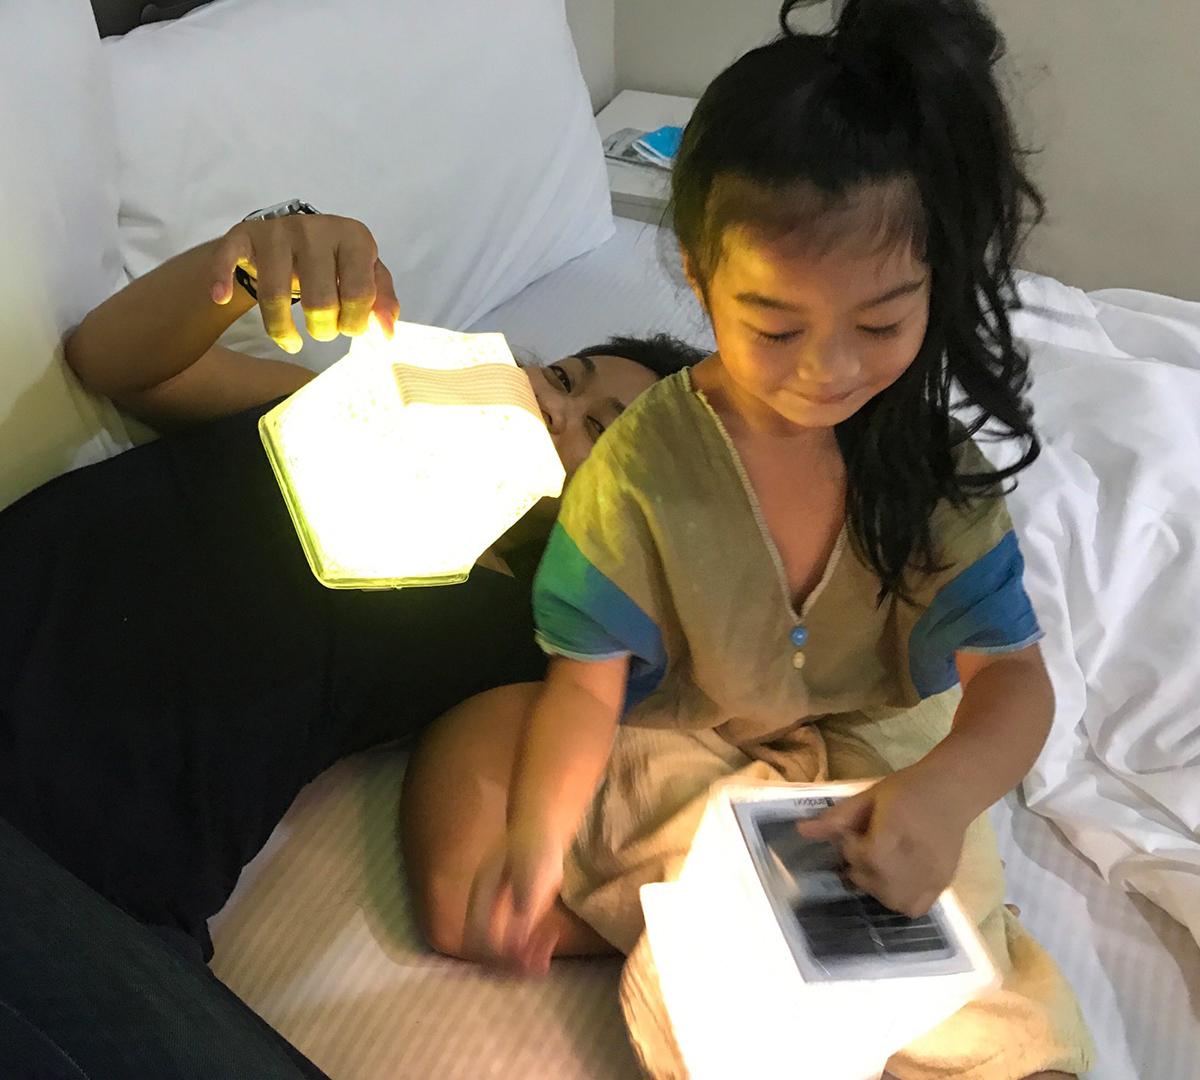 簡単にサイコロ型のランタンになるソーラー充電式の携帯ライト|carry the sun(キャリー・ザ・サン)